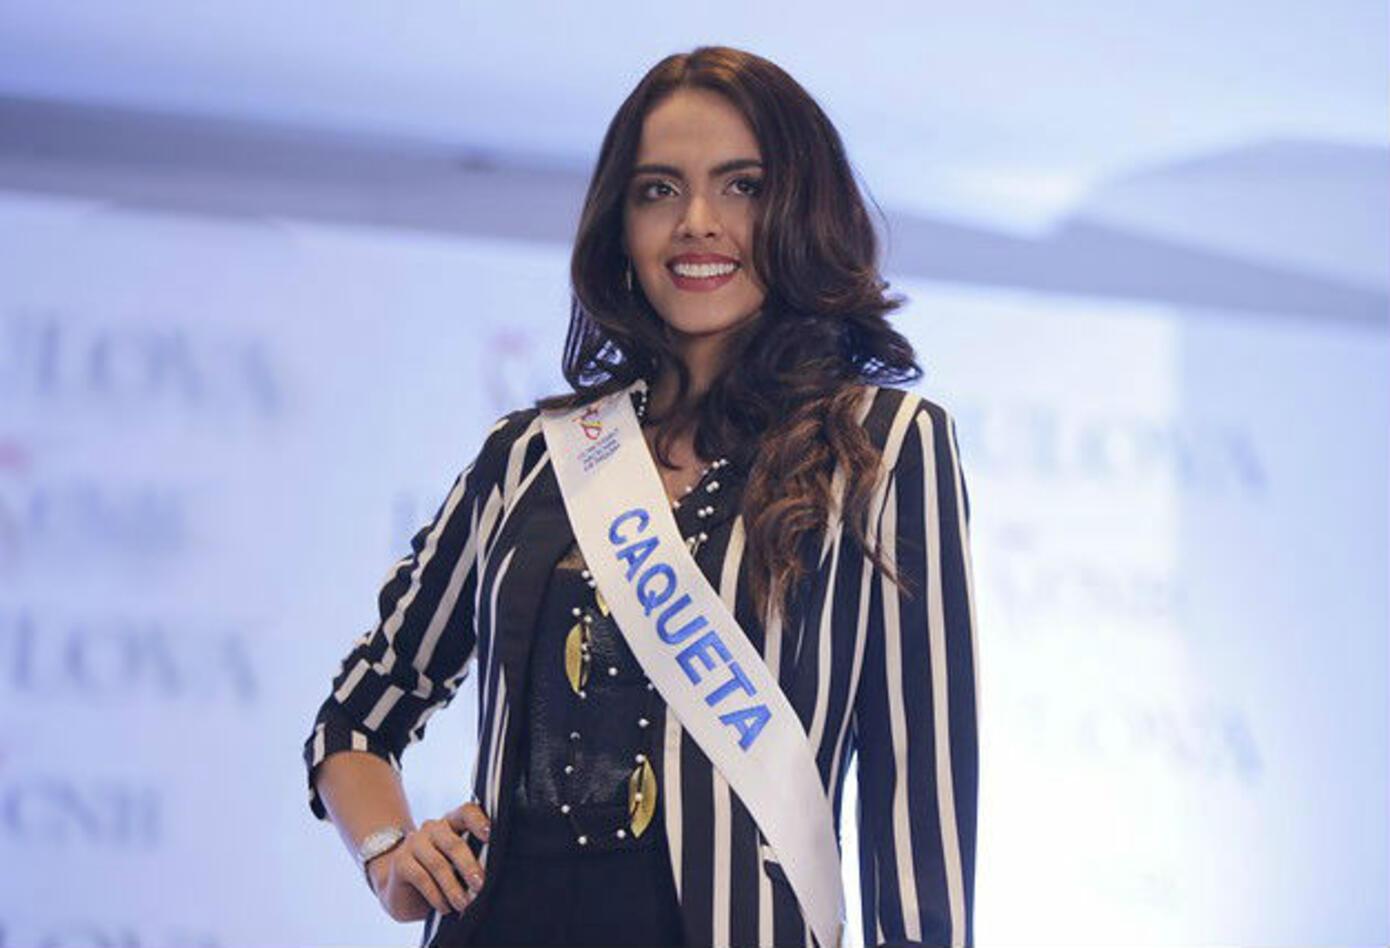 Angela Rocío Rico Morales